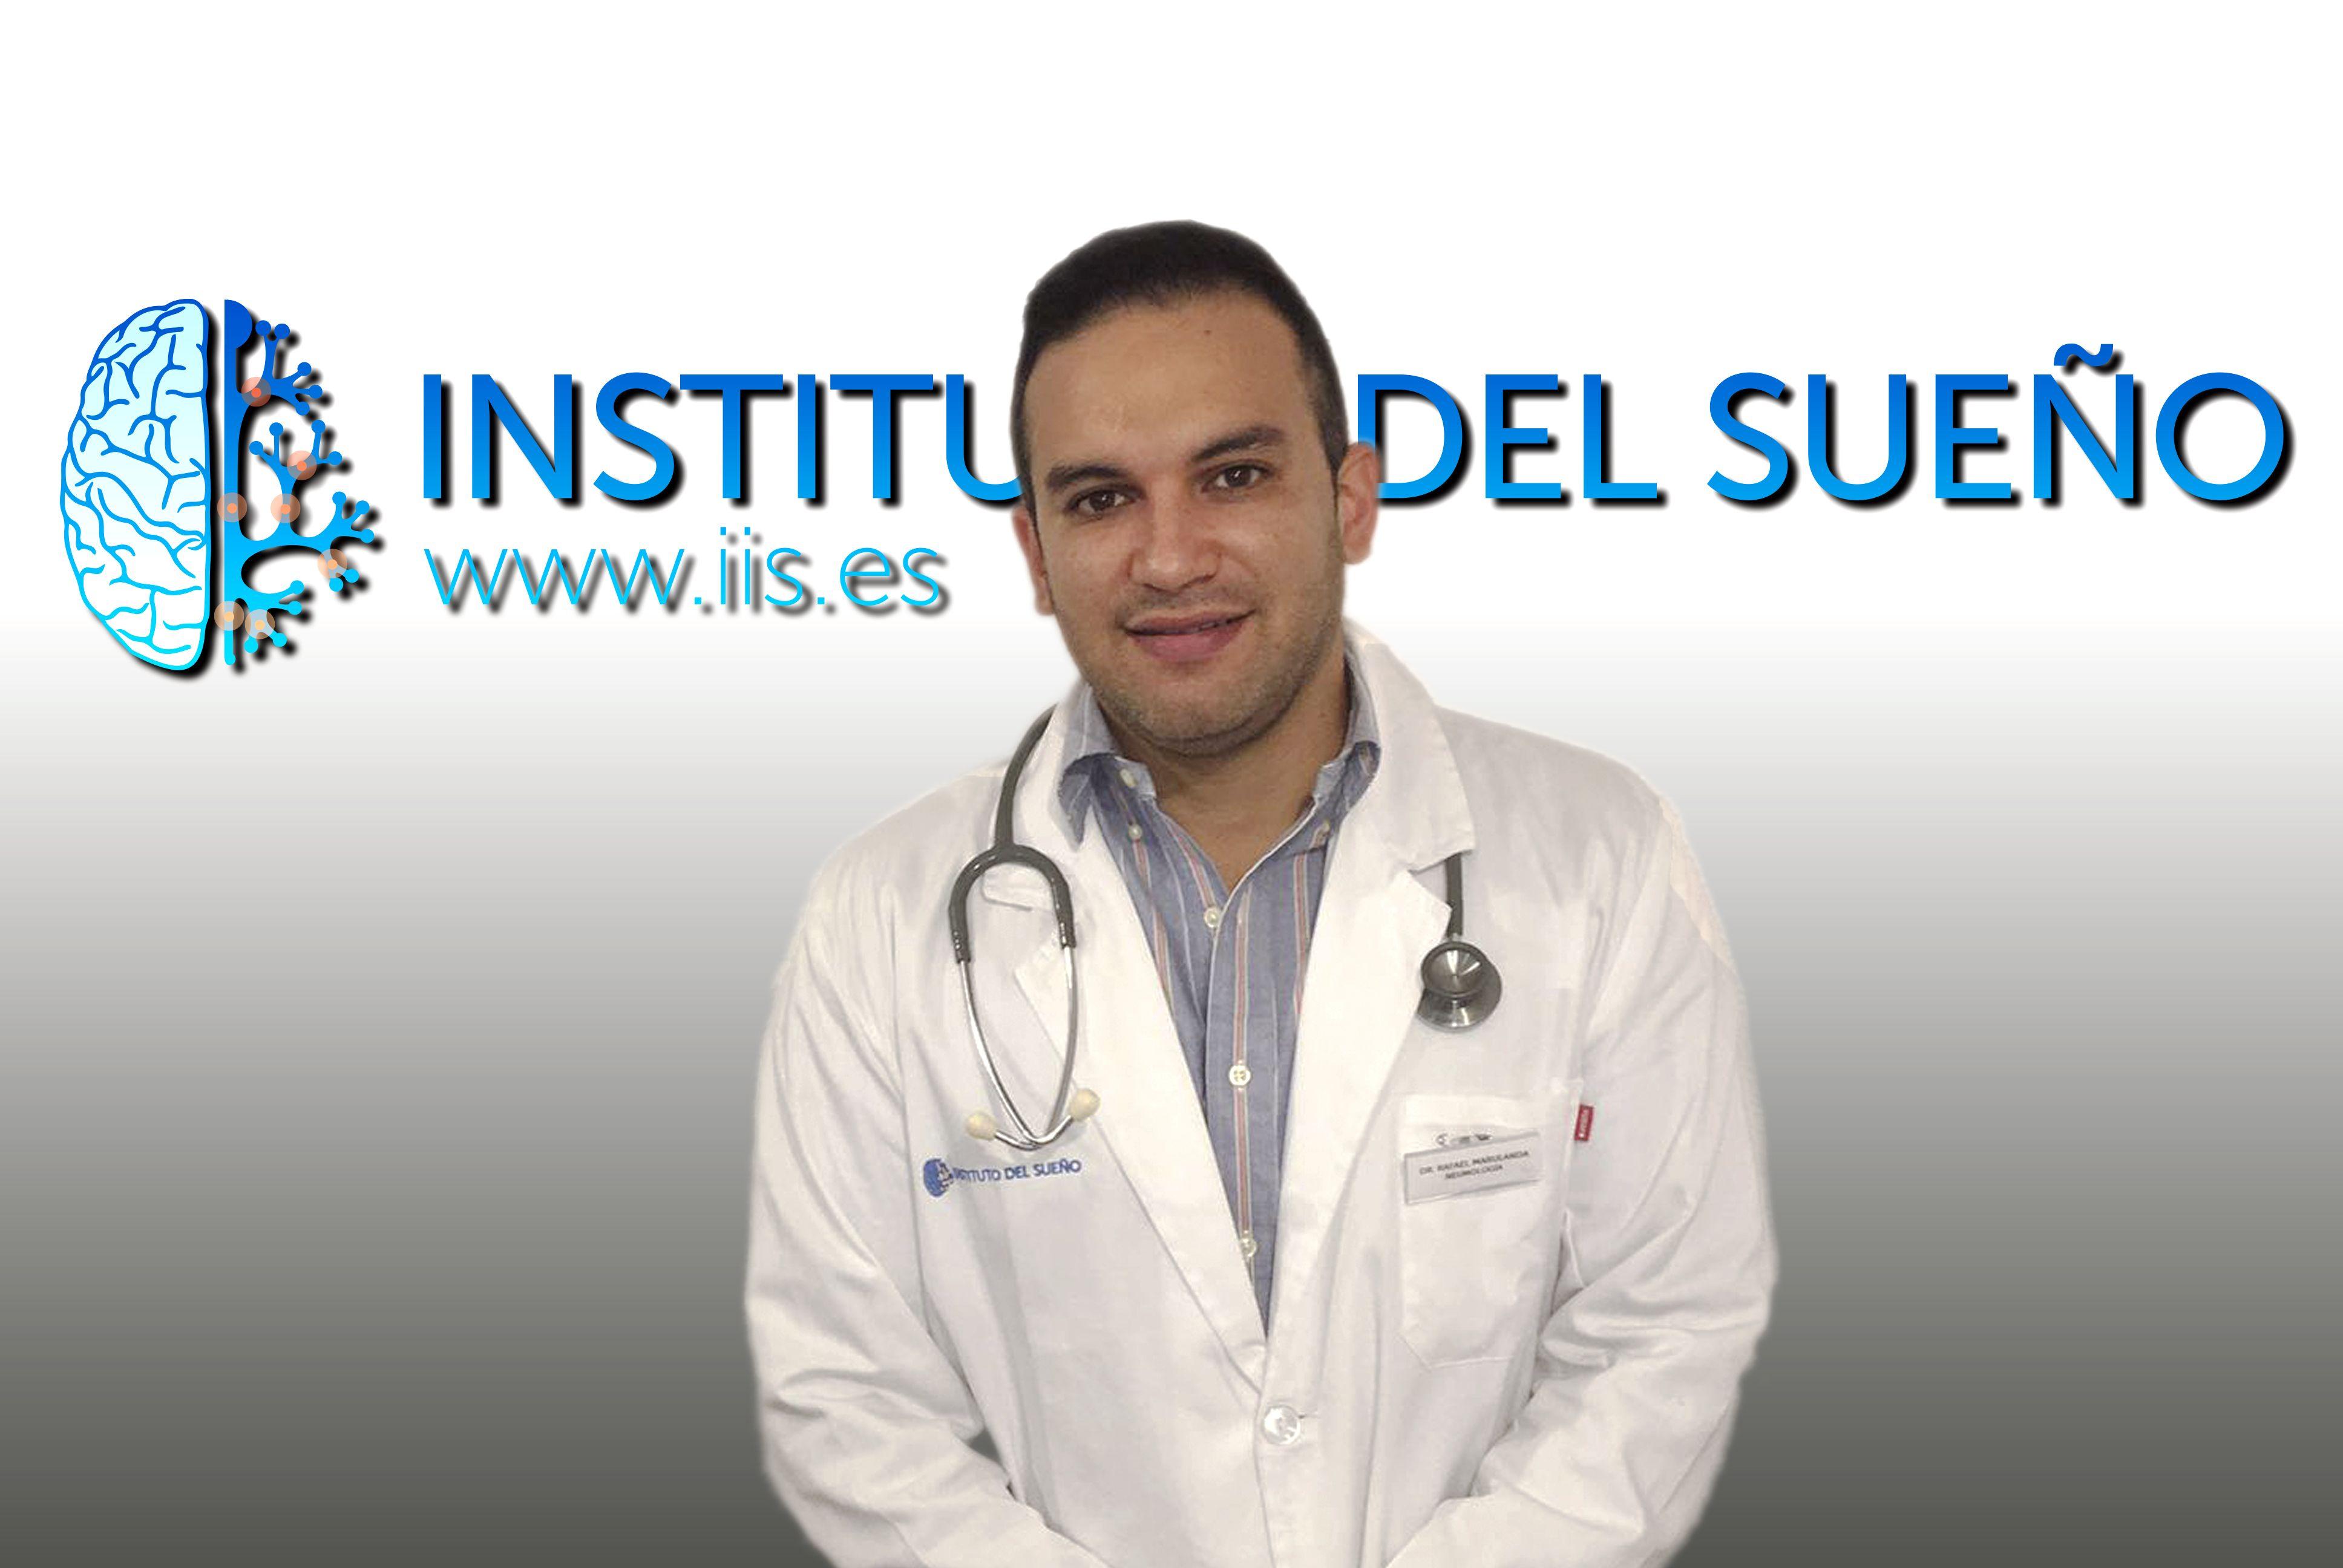 Rafael Marulanda